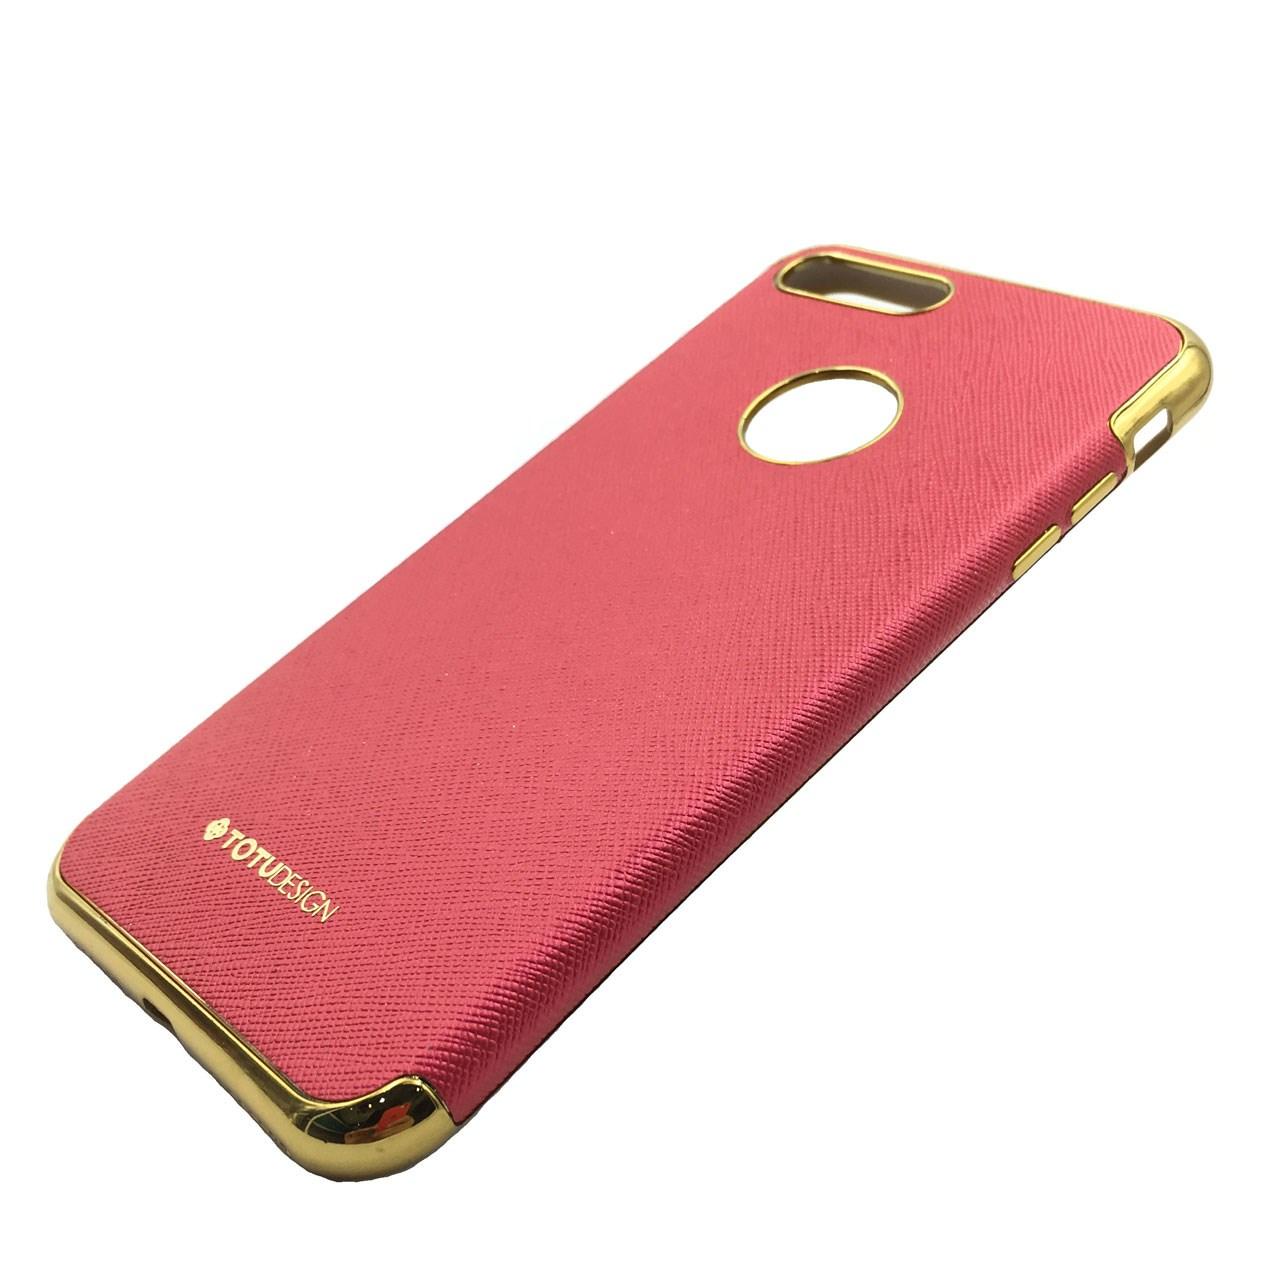 کاور توتو مدل Fashion Case مناسب برای گوشی موبایل آیفون 7/8 Plus